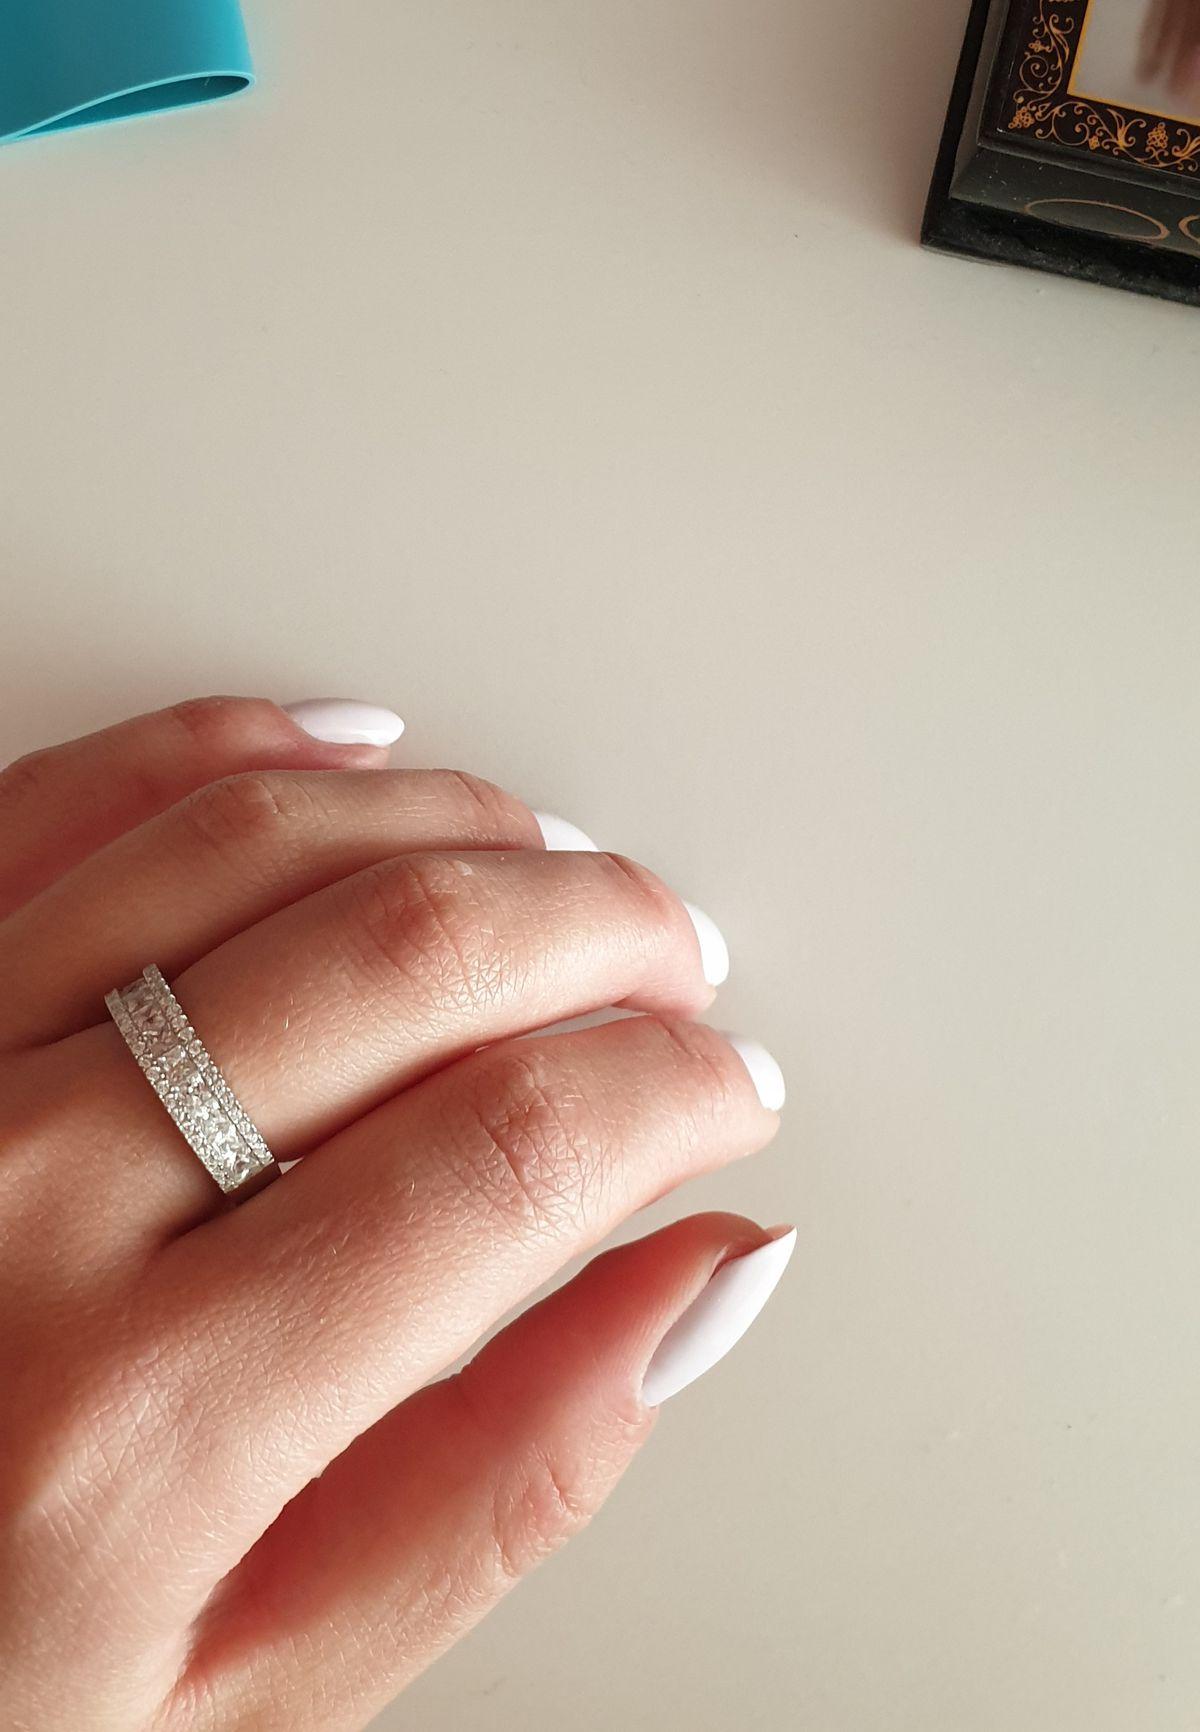 Ну очень красивое кольцо 😍😍😍